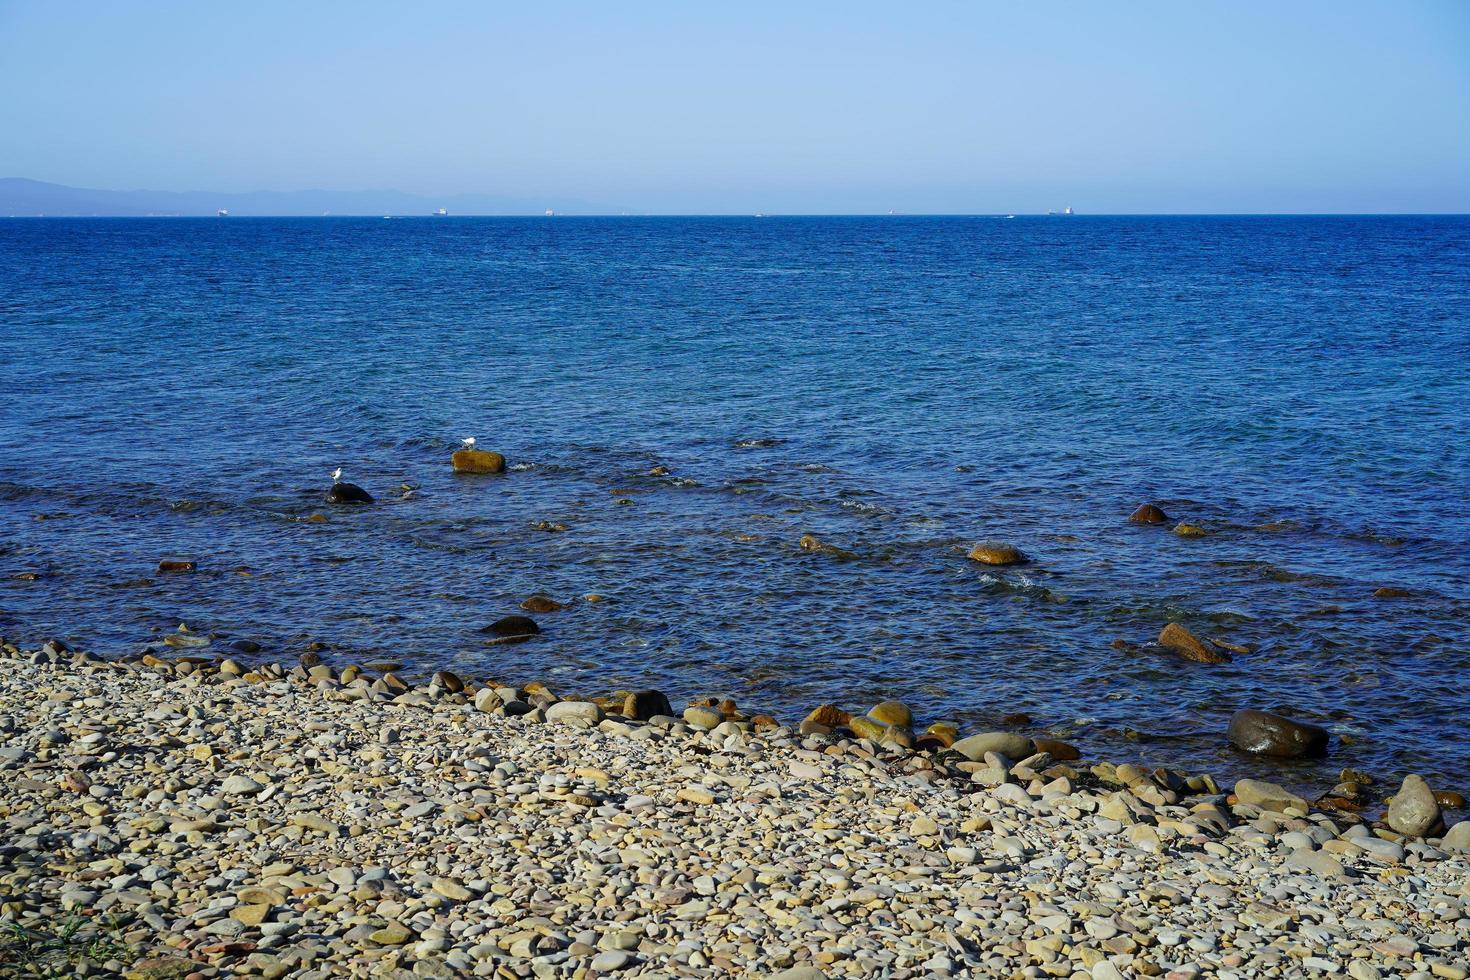 nublado cielo azul sobre un cuerpo de agua y costa rocosa foto